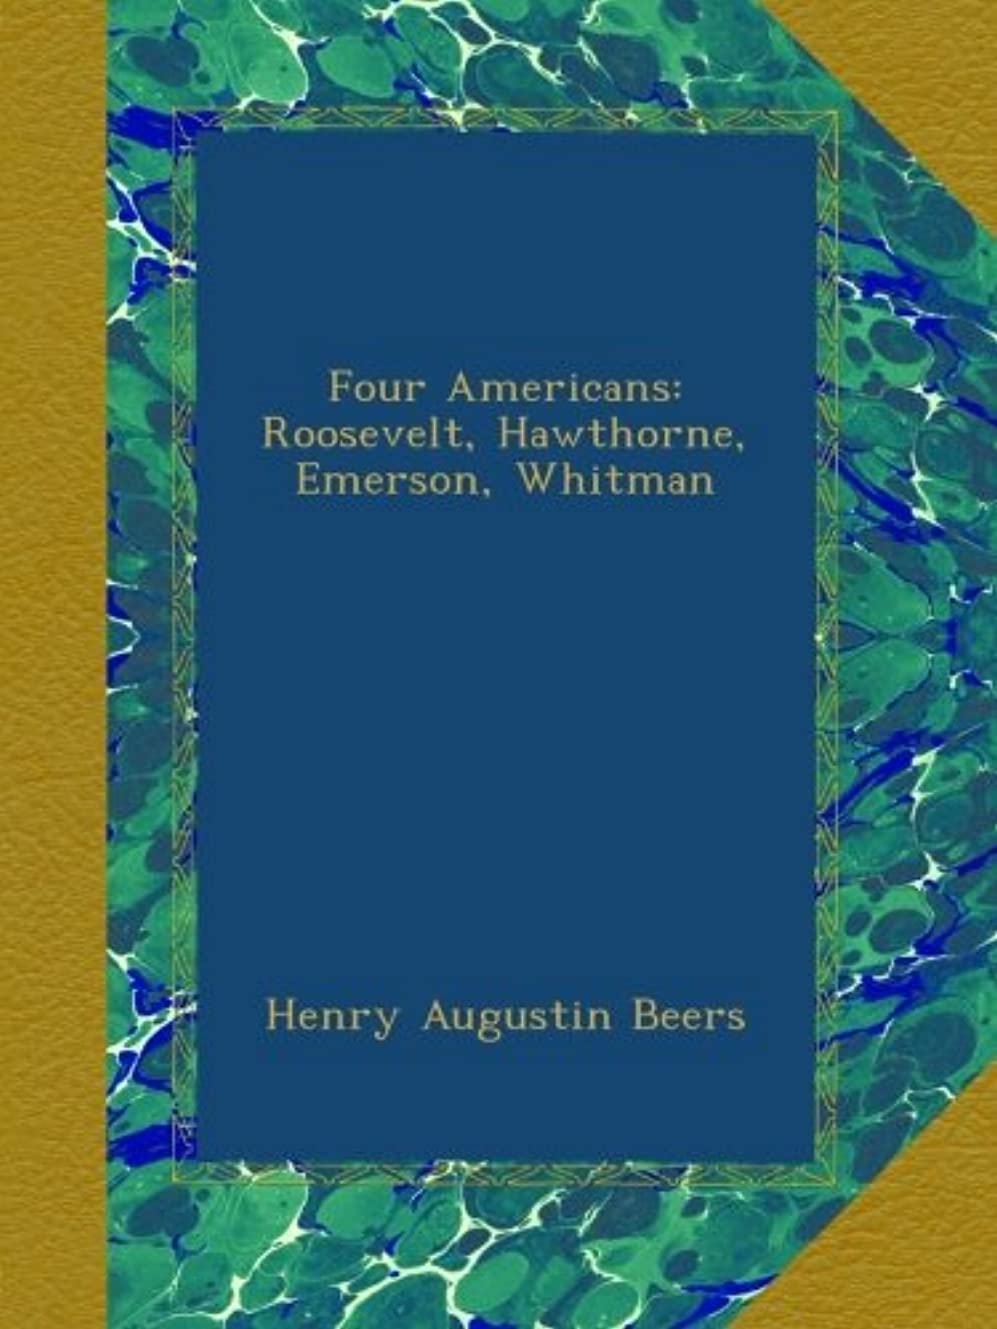 溶岩受粉する講義Four Americans: Roosevelt, Hawthorne, Emerson, Whitman